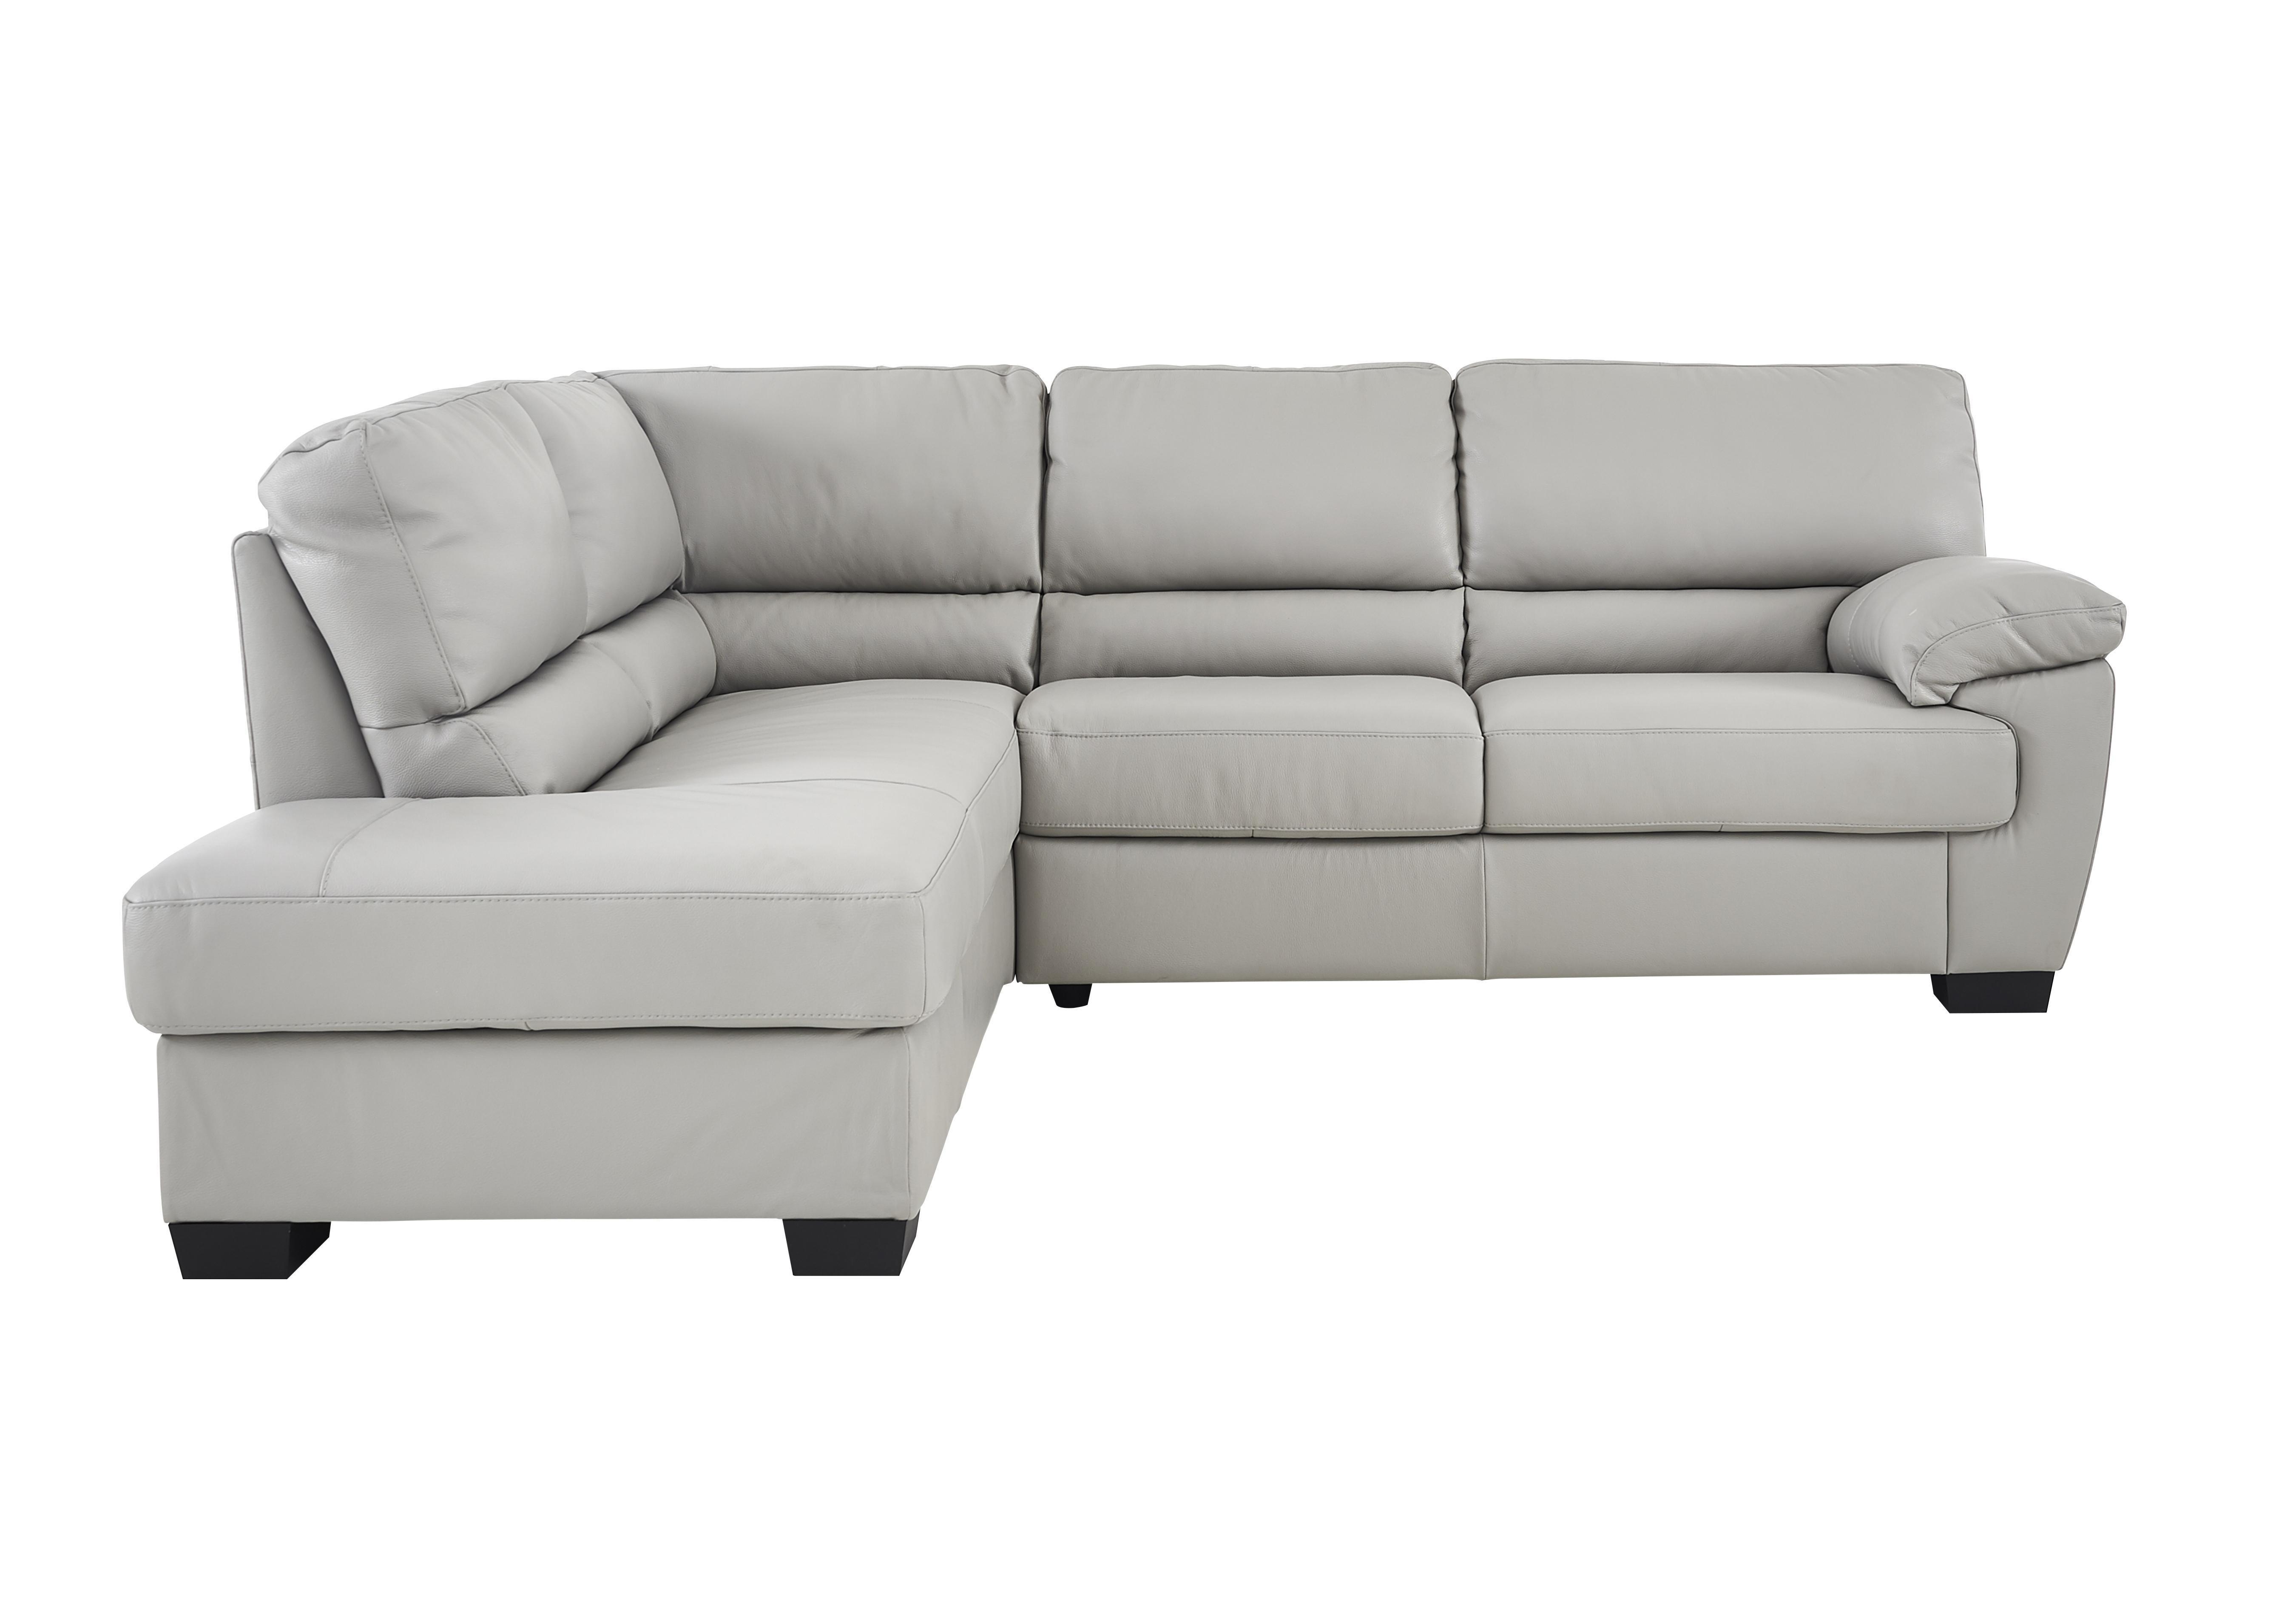 furniture village leather corner sofa bed dark green alvera